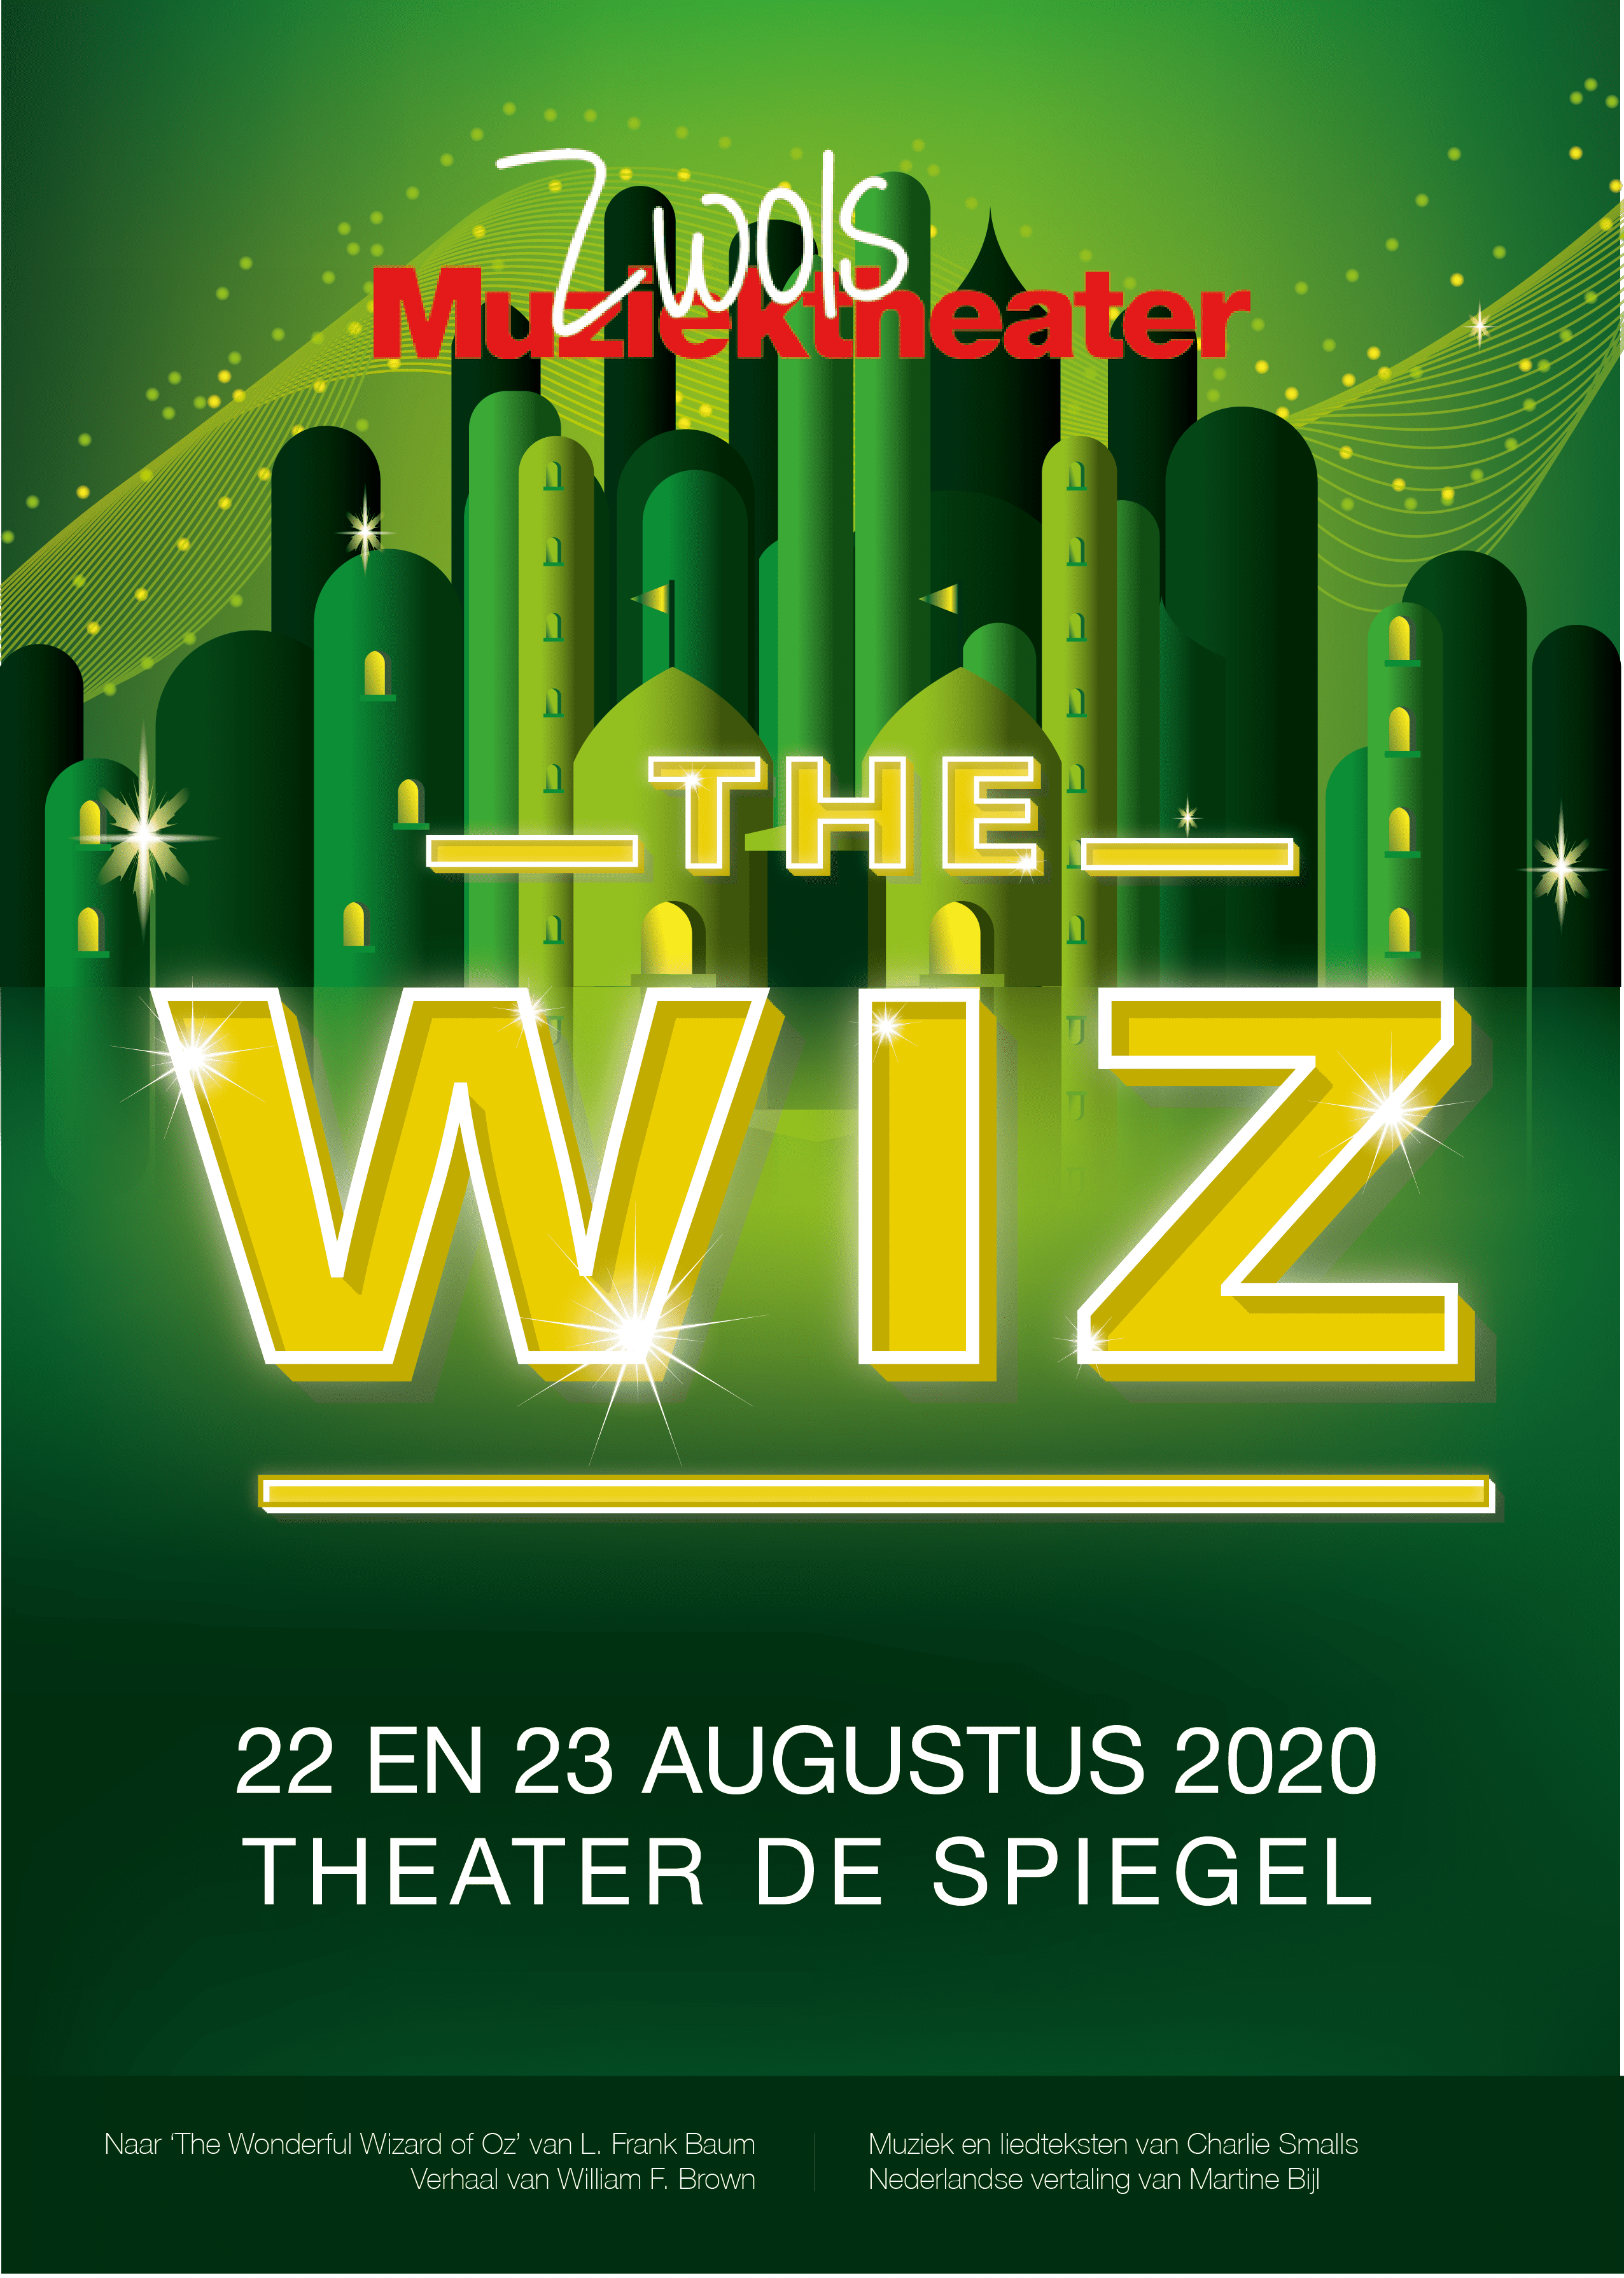 The Wiz goed idee vervolg_Poster The Wiz met alle informatie